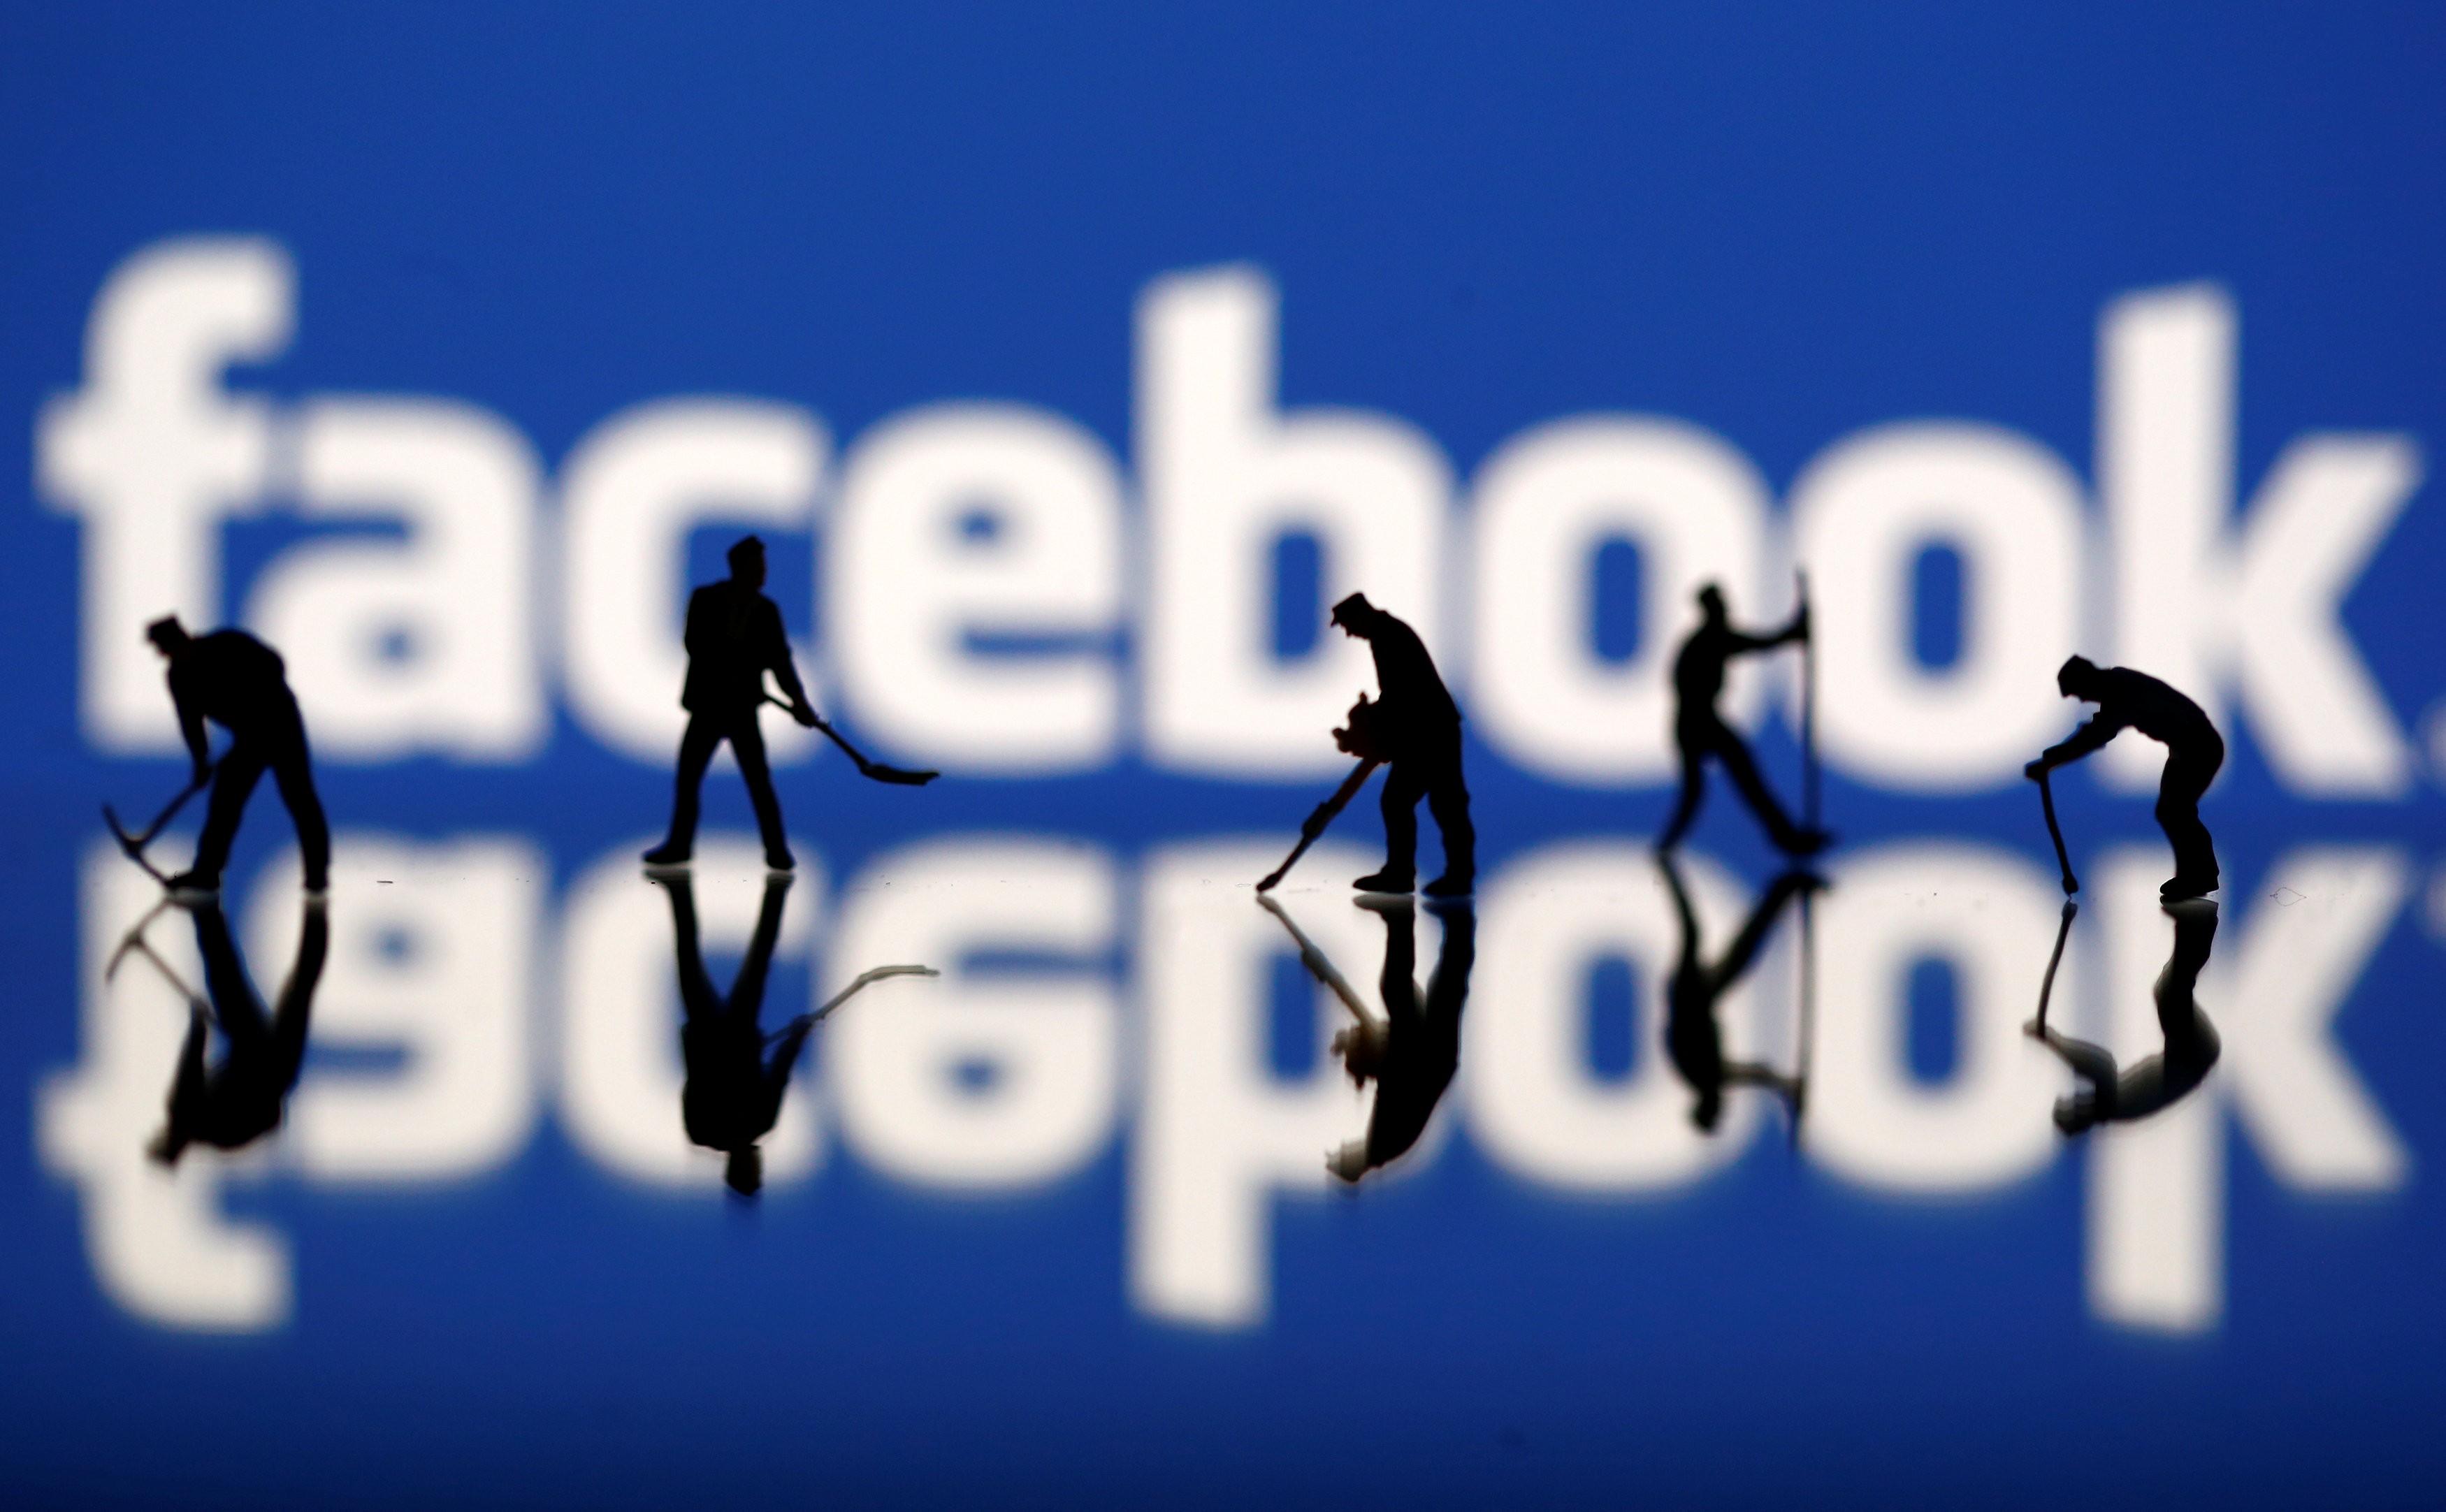 Justiça dos EUA acusa Facebook de discriminar trabalhadoresdo país